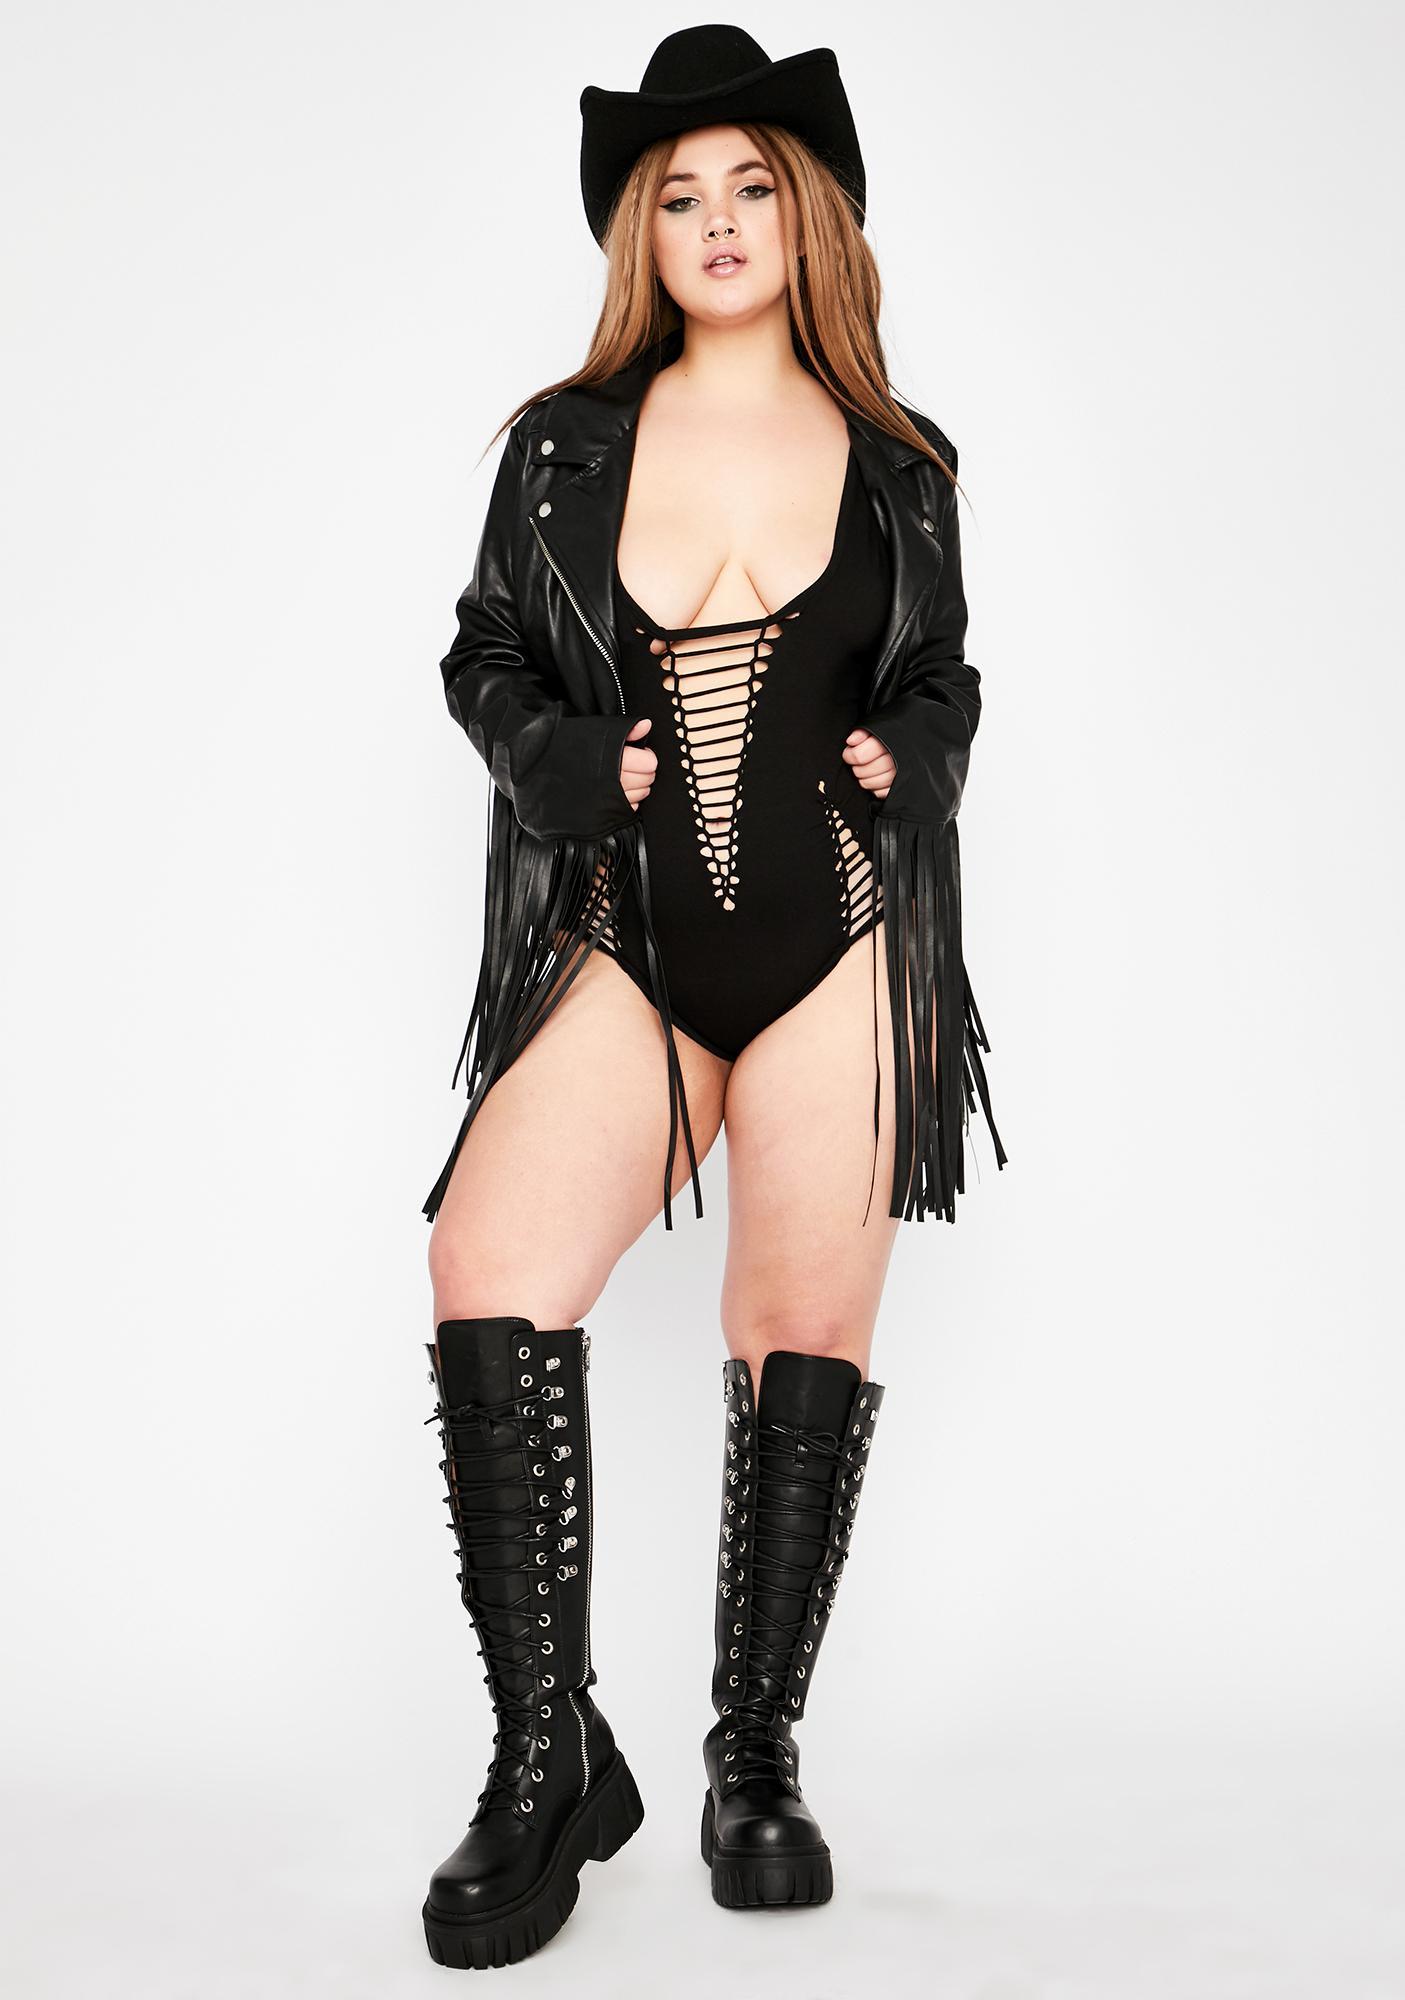 Club Exx Mz Ride The High Shredded Bodysuit